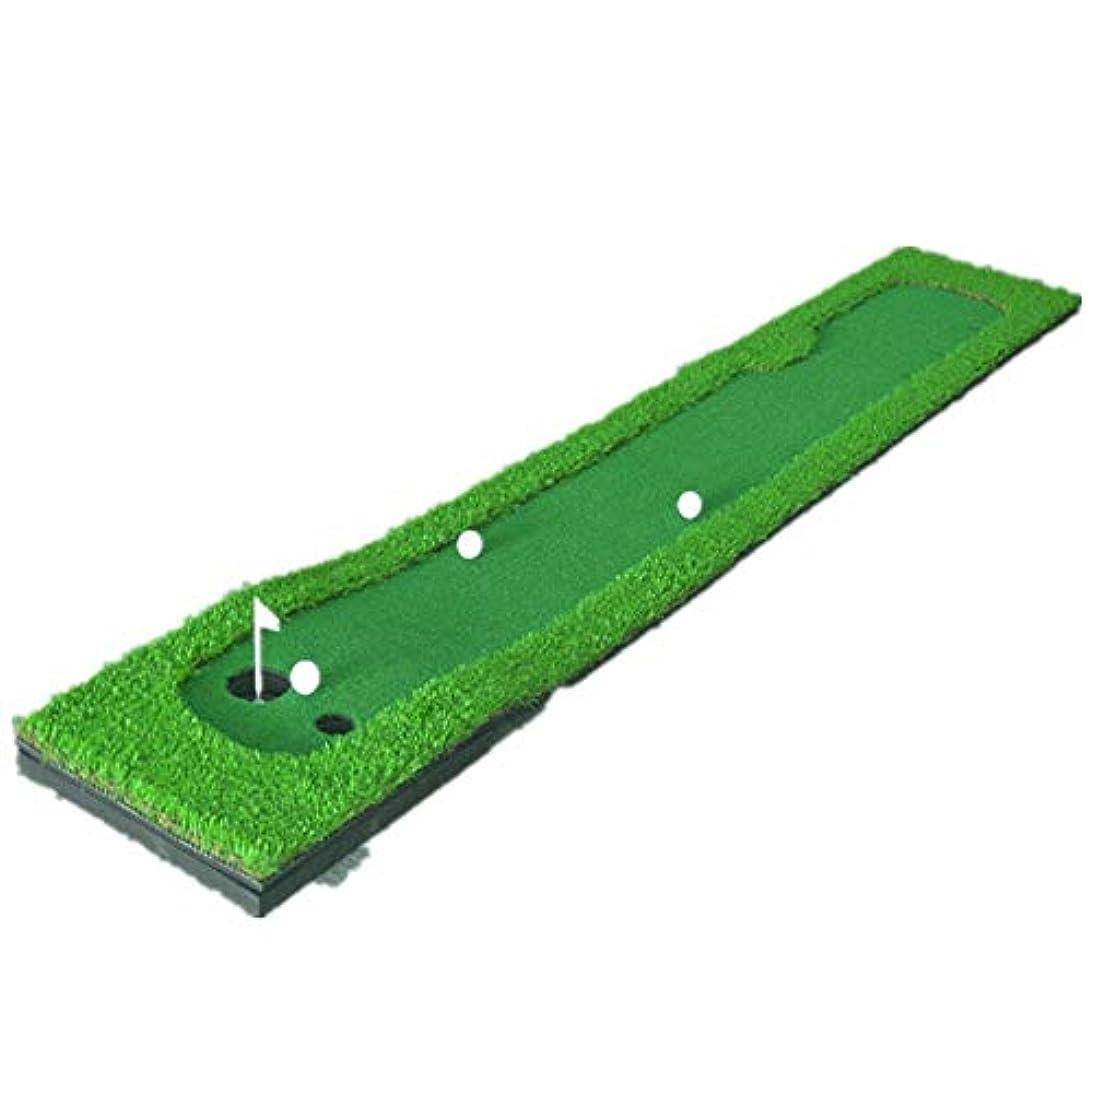 枯渇する秋系譜パッティンググリーン TrainerIndoorアウトドアエクササイザ練習ゴルフグリーンズゴルフホーム屋内オフィスゴルフスロープ ゴルフ練習用マット (色 : 緑, Size : 50x300x4cm)